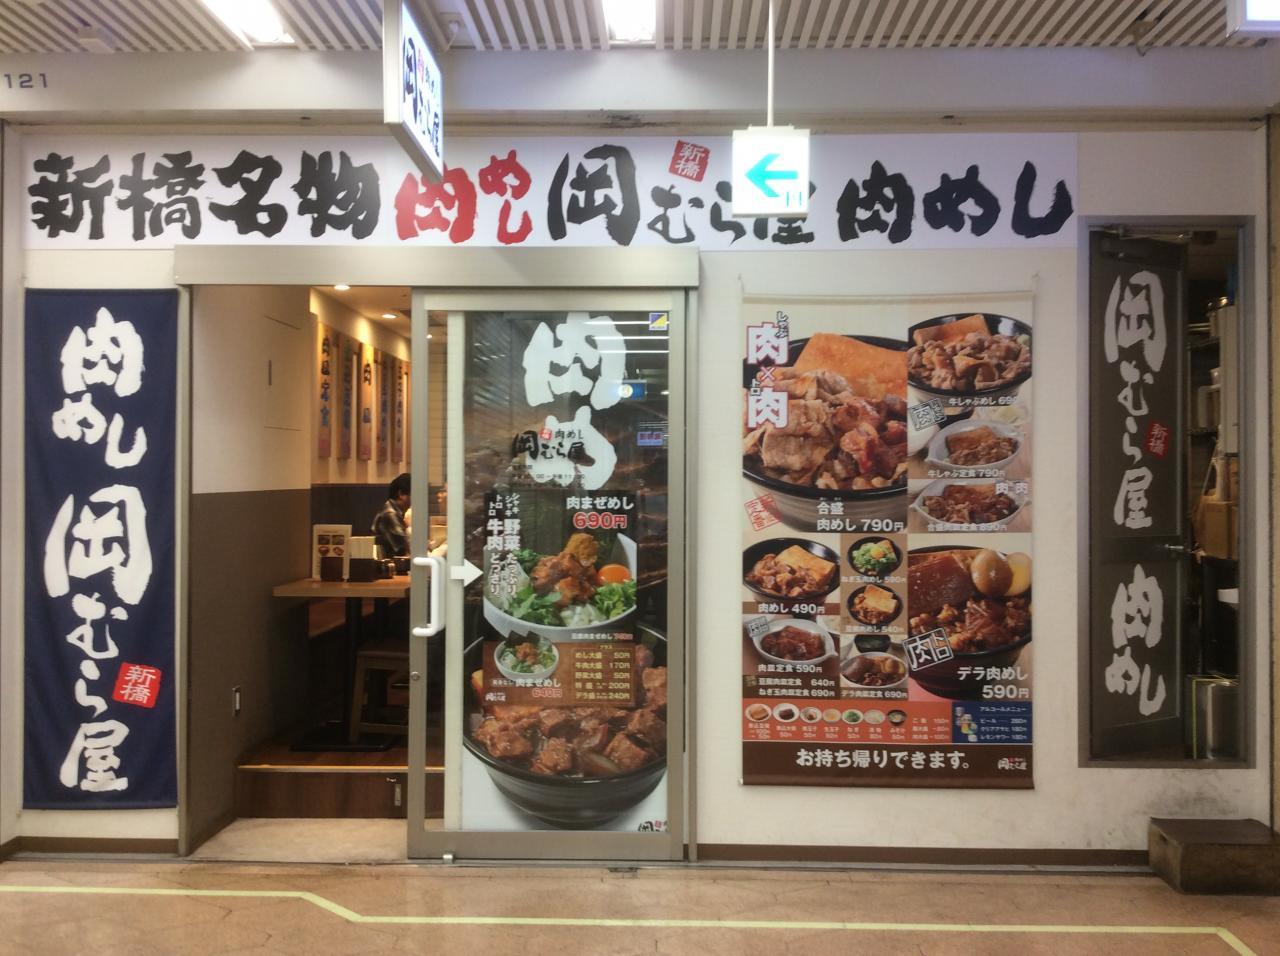 新橋肉めし岡むら屋(店舗外観)